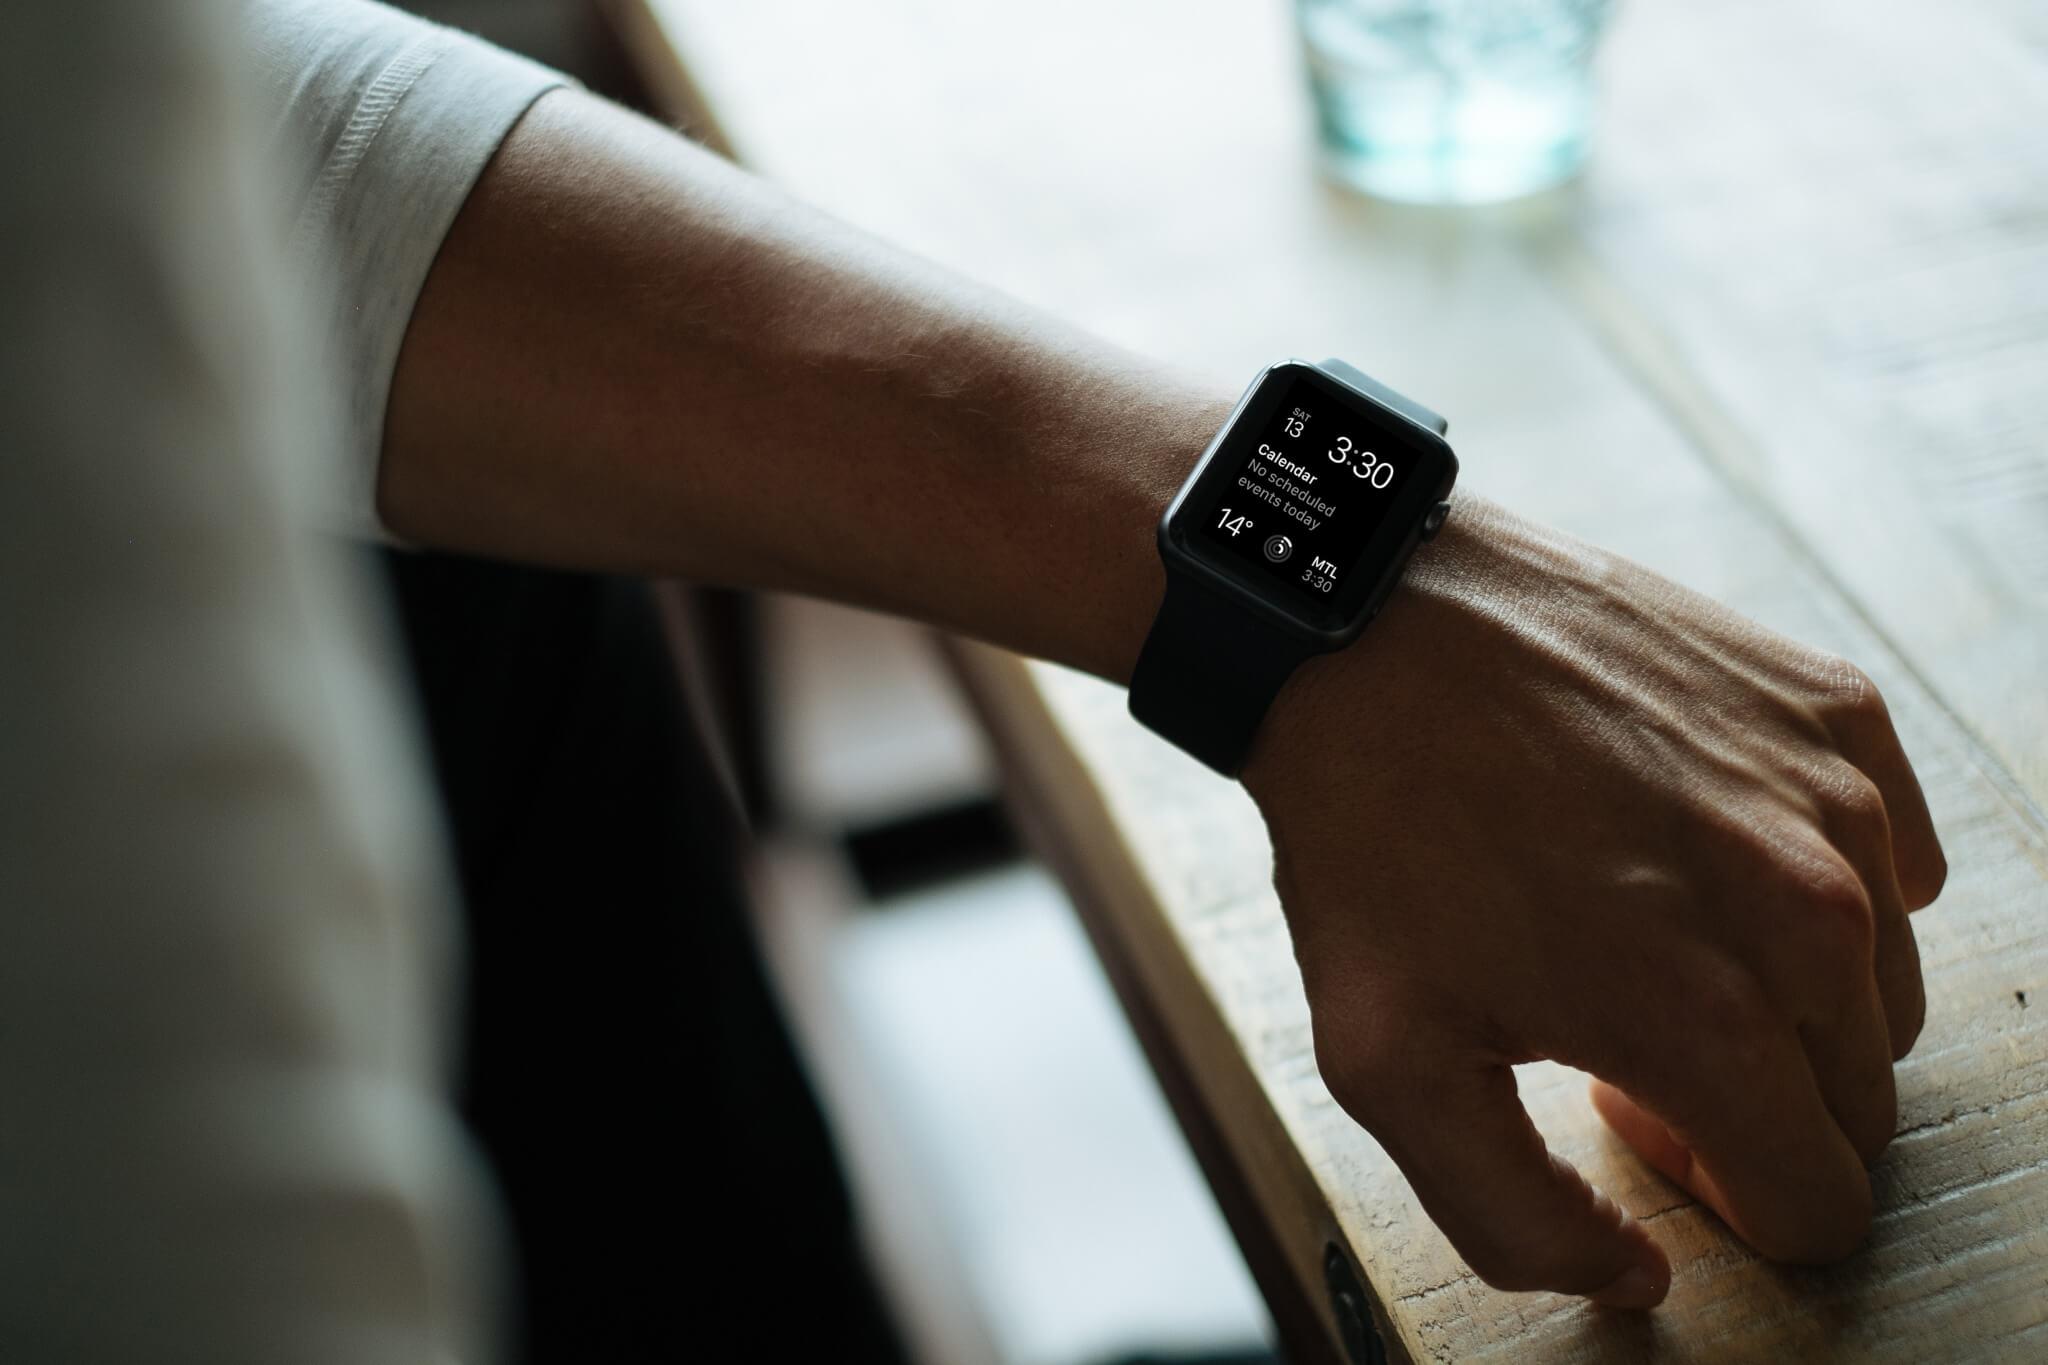 もう手放せない!生活が変わる「Apple Watch」で使うべき5つの機能をご紹介